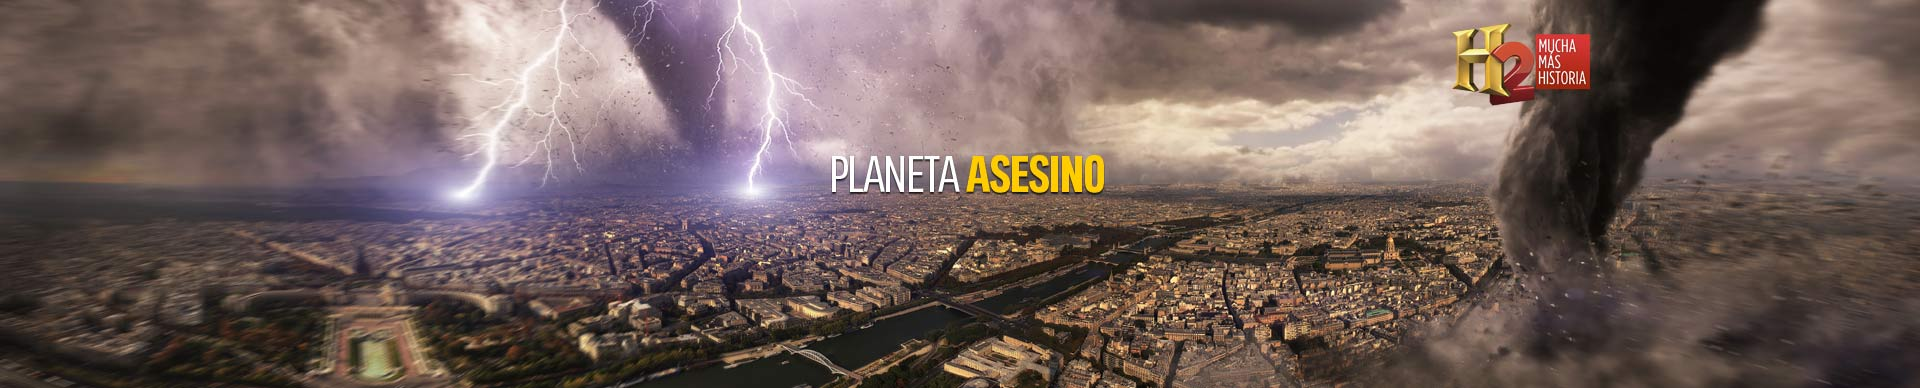 PLANETA ASESINO